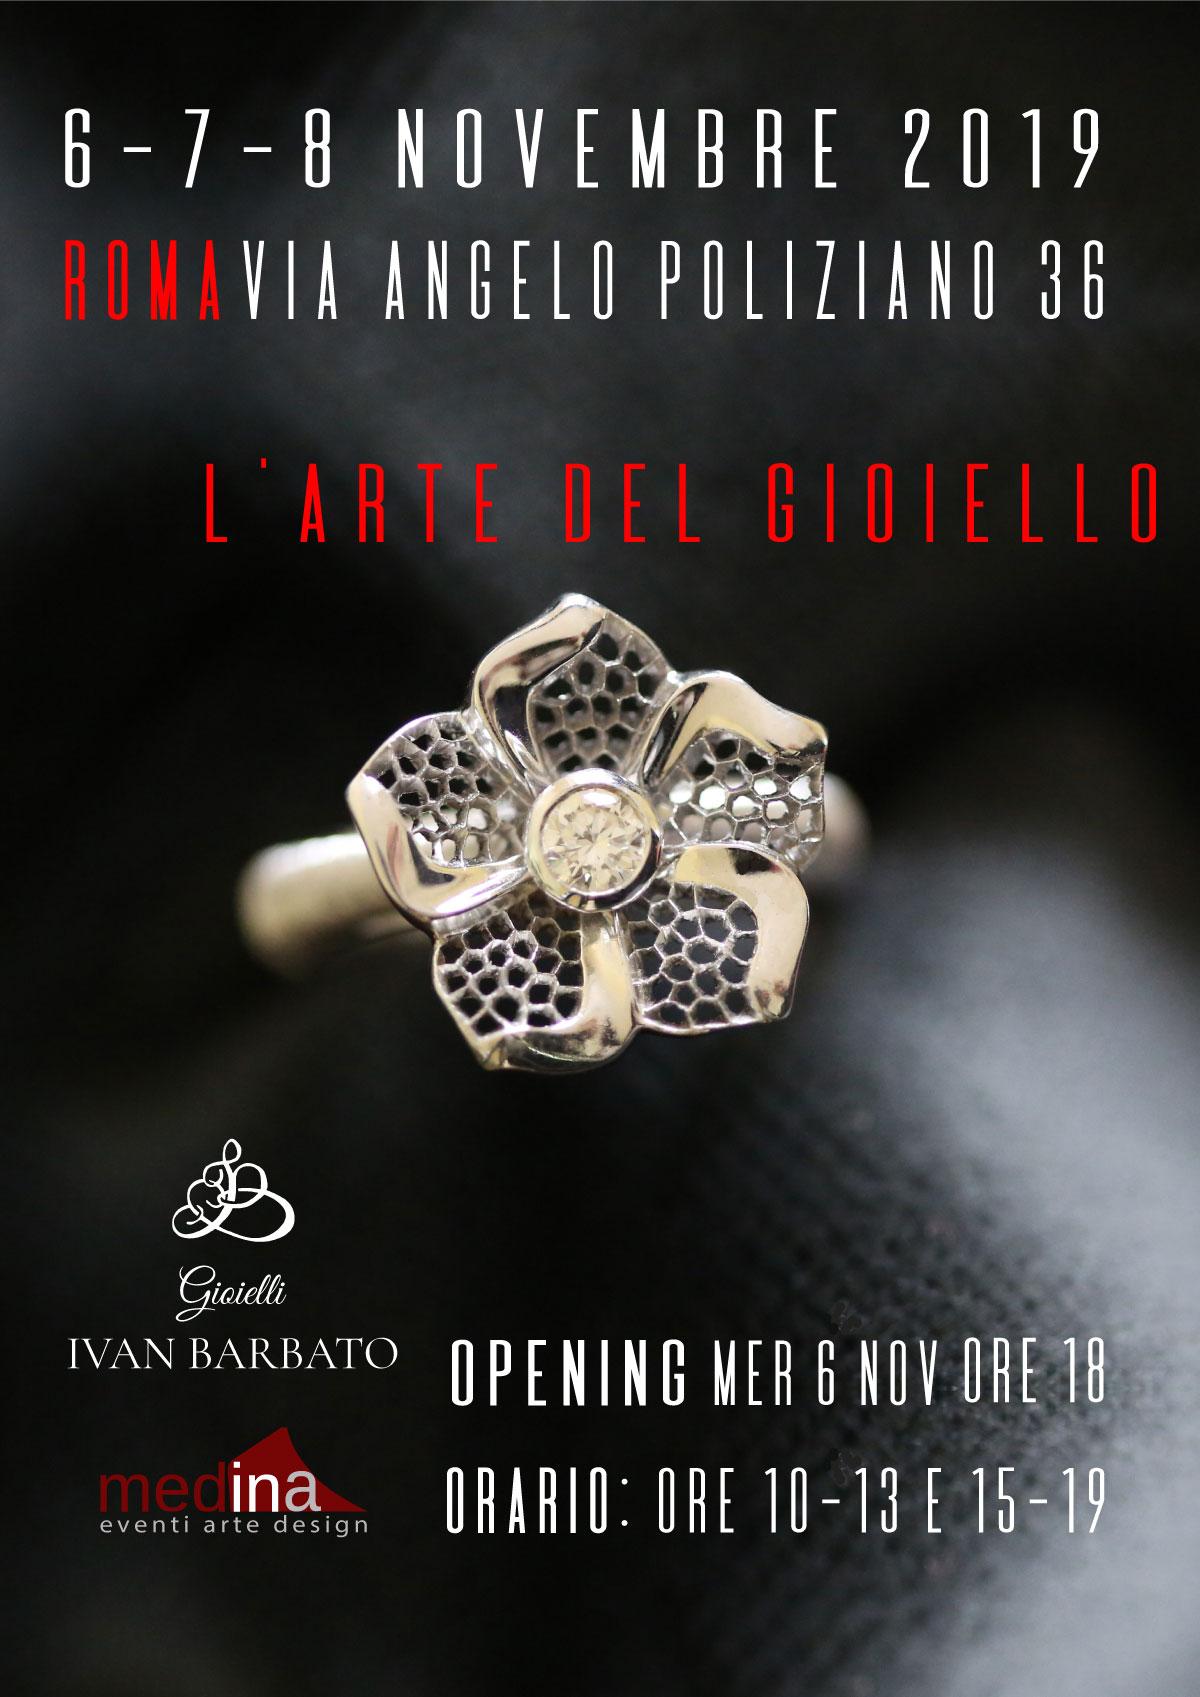 arte del gioiello di Ivan Barbato